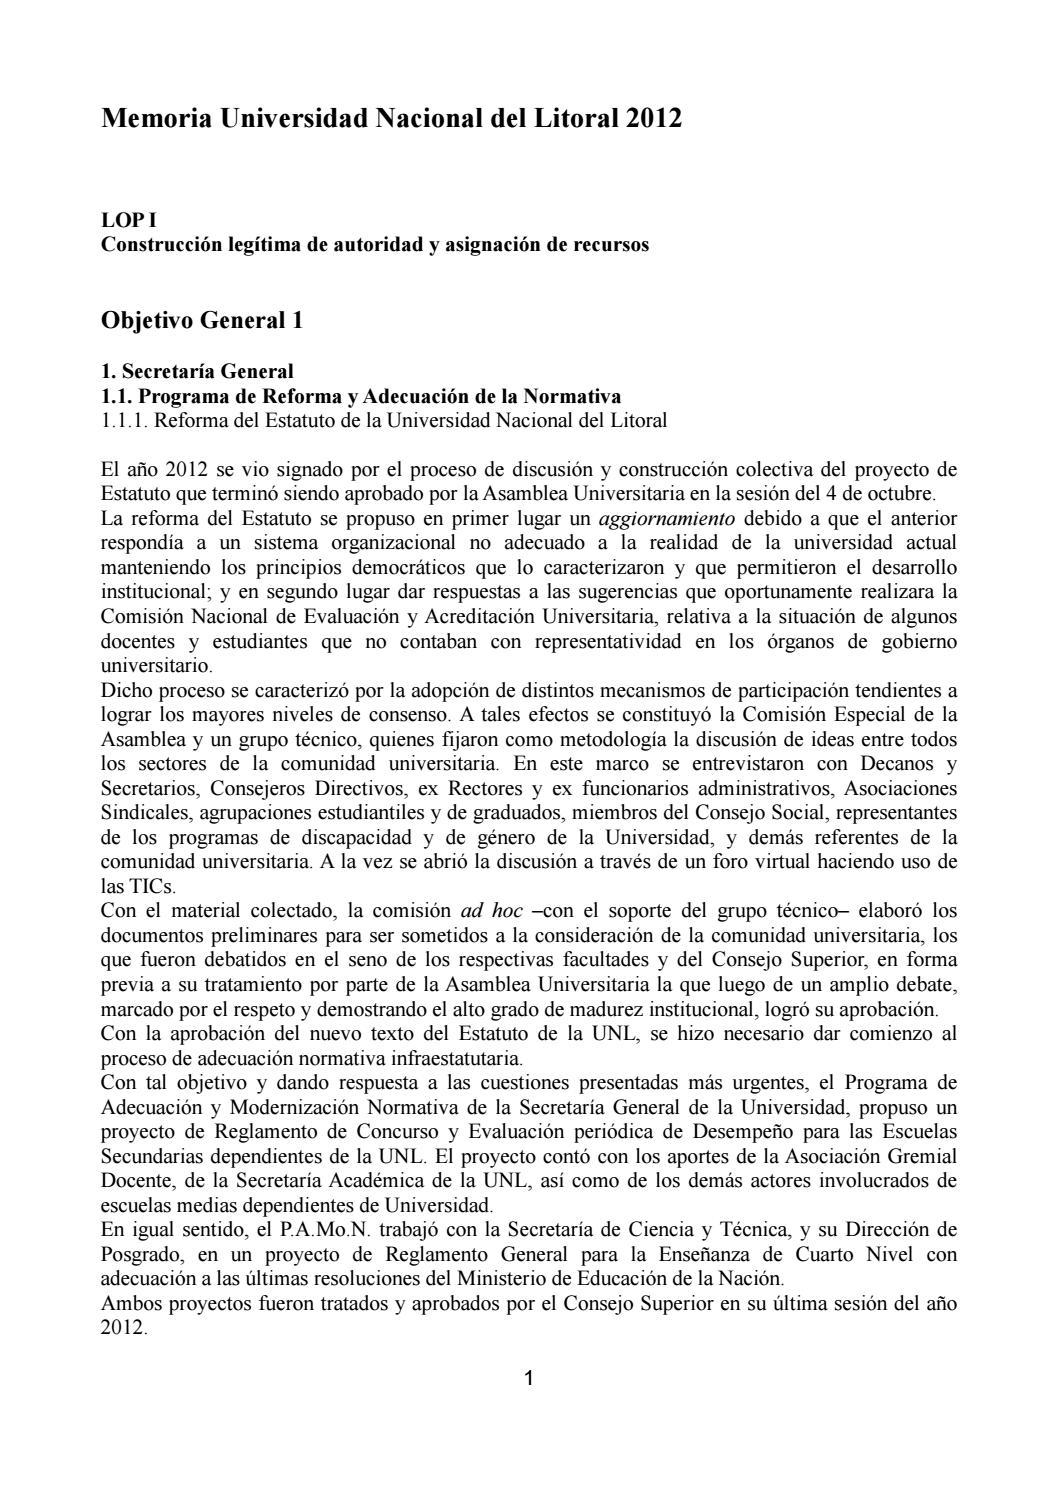 Memoria institucional 2012 by Universidad Nacional del Litoral - issuu